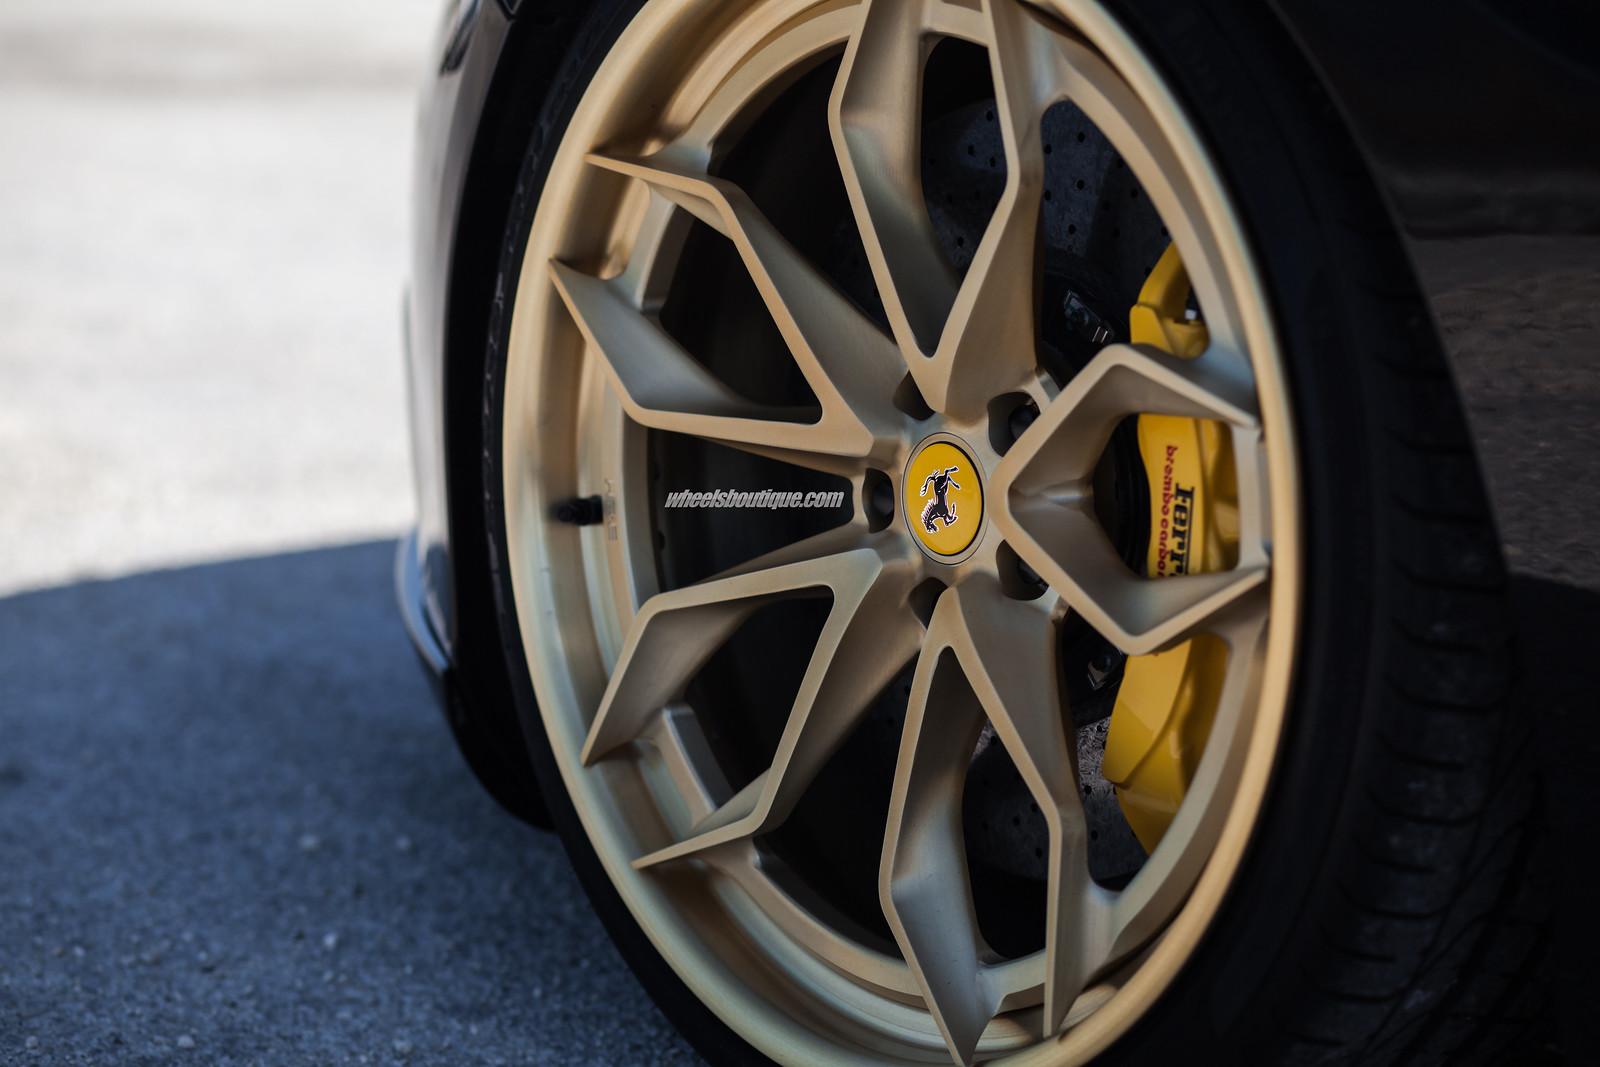 Pirelli P Zero >> HRE's New Hidden Hardware 3-Piece Wheels on Ferrari California by TeamWB - Rennlist - Porsche ...